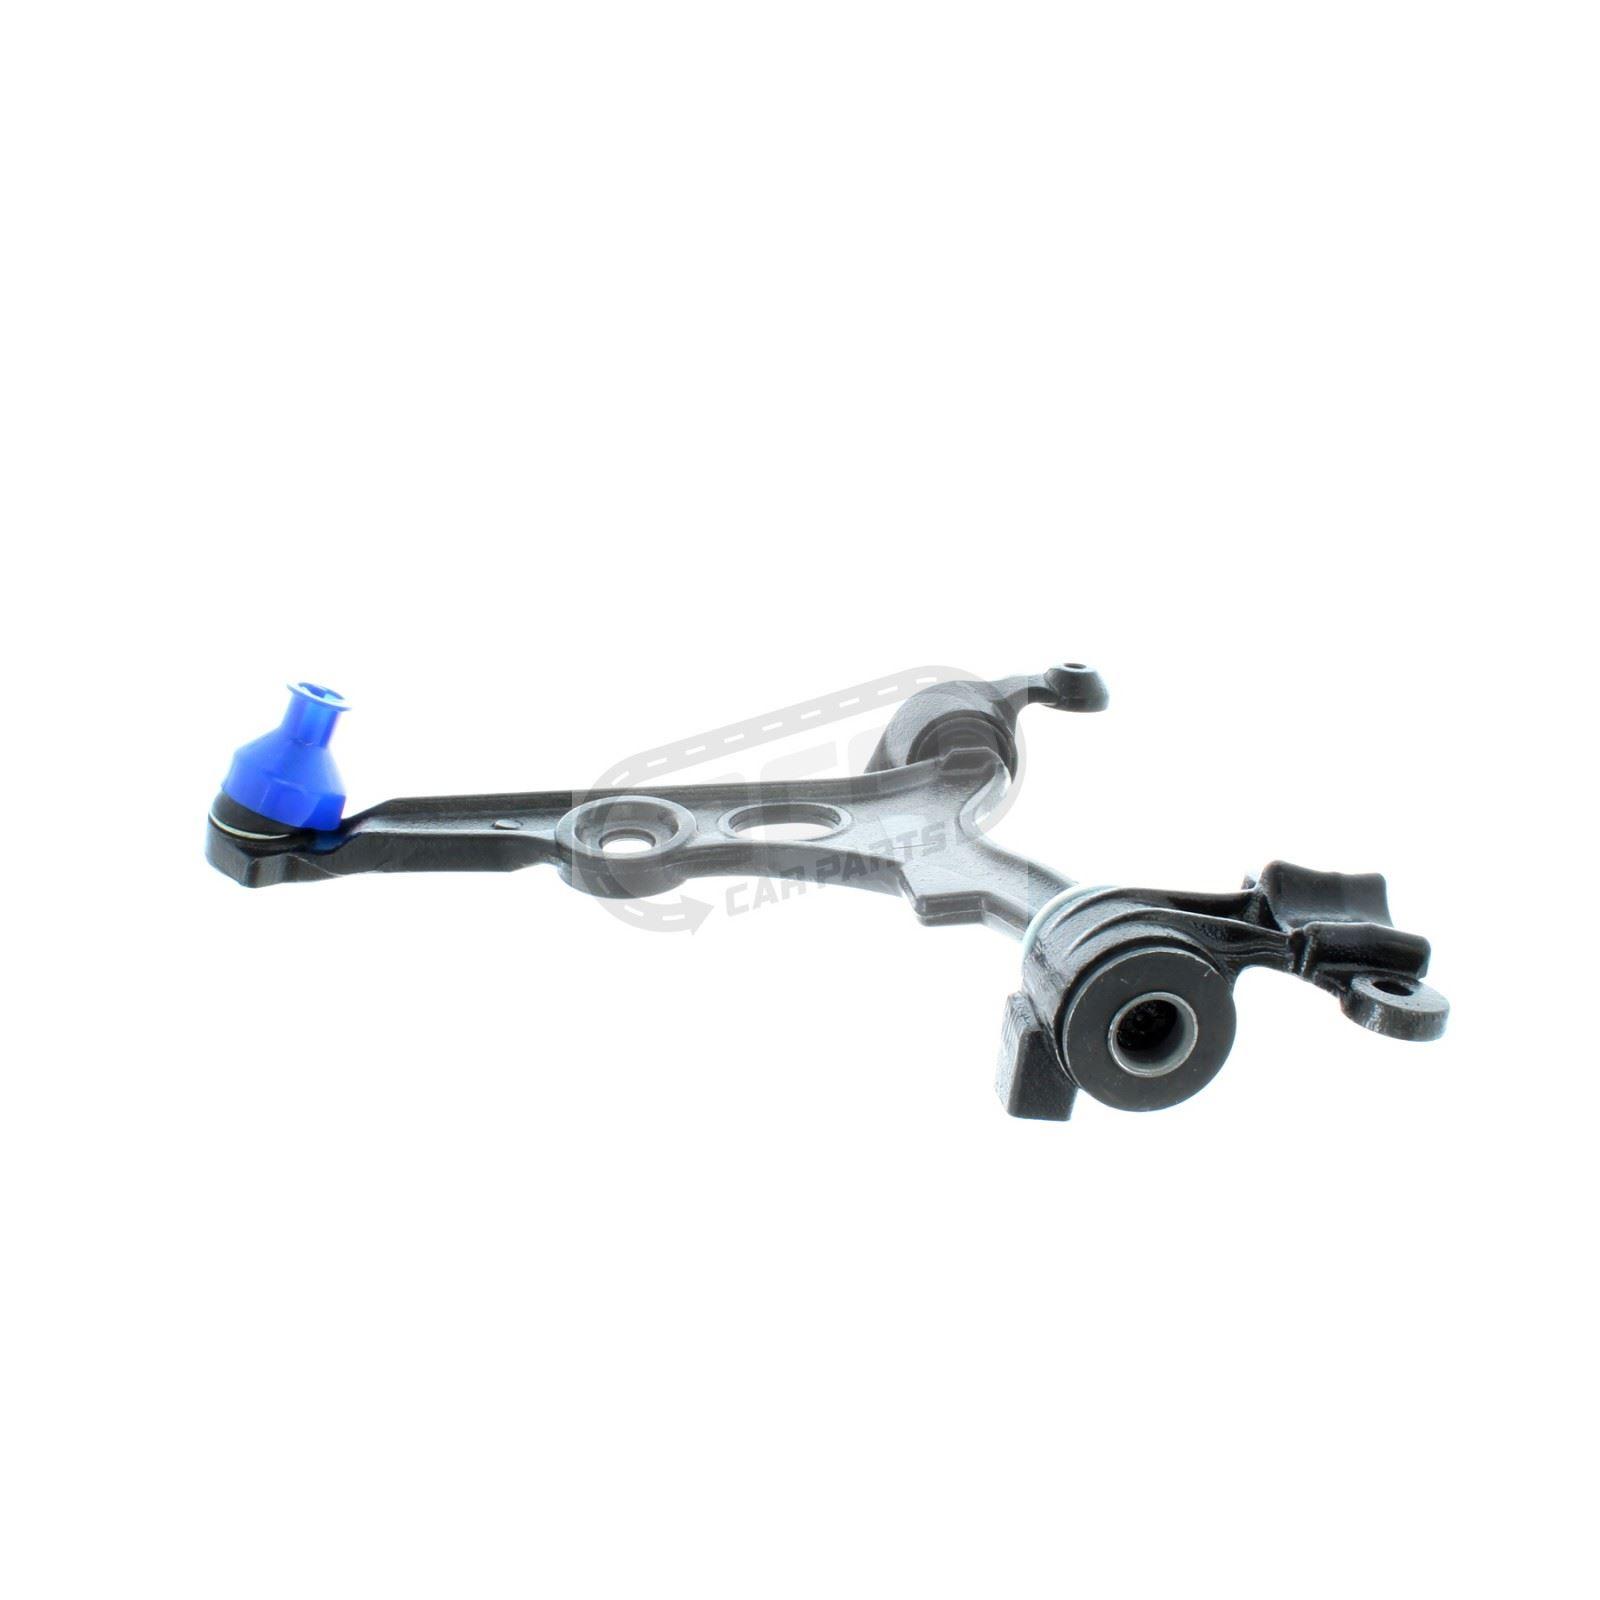 Peugeot Expert Van 2007-4//2017 Steel Front Lower Suspension Wishbone Arms 1 Pair